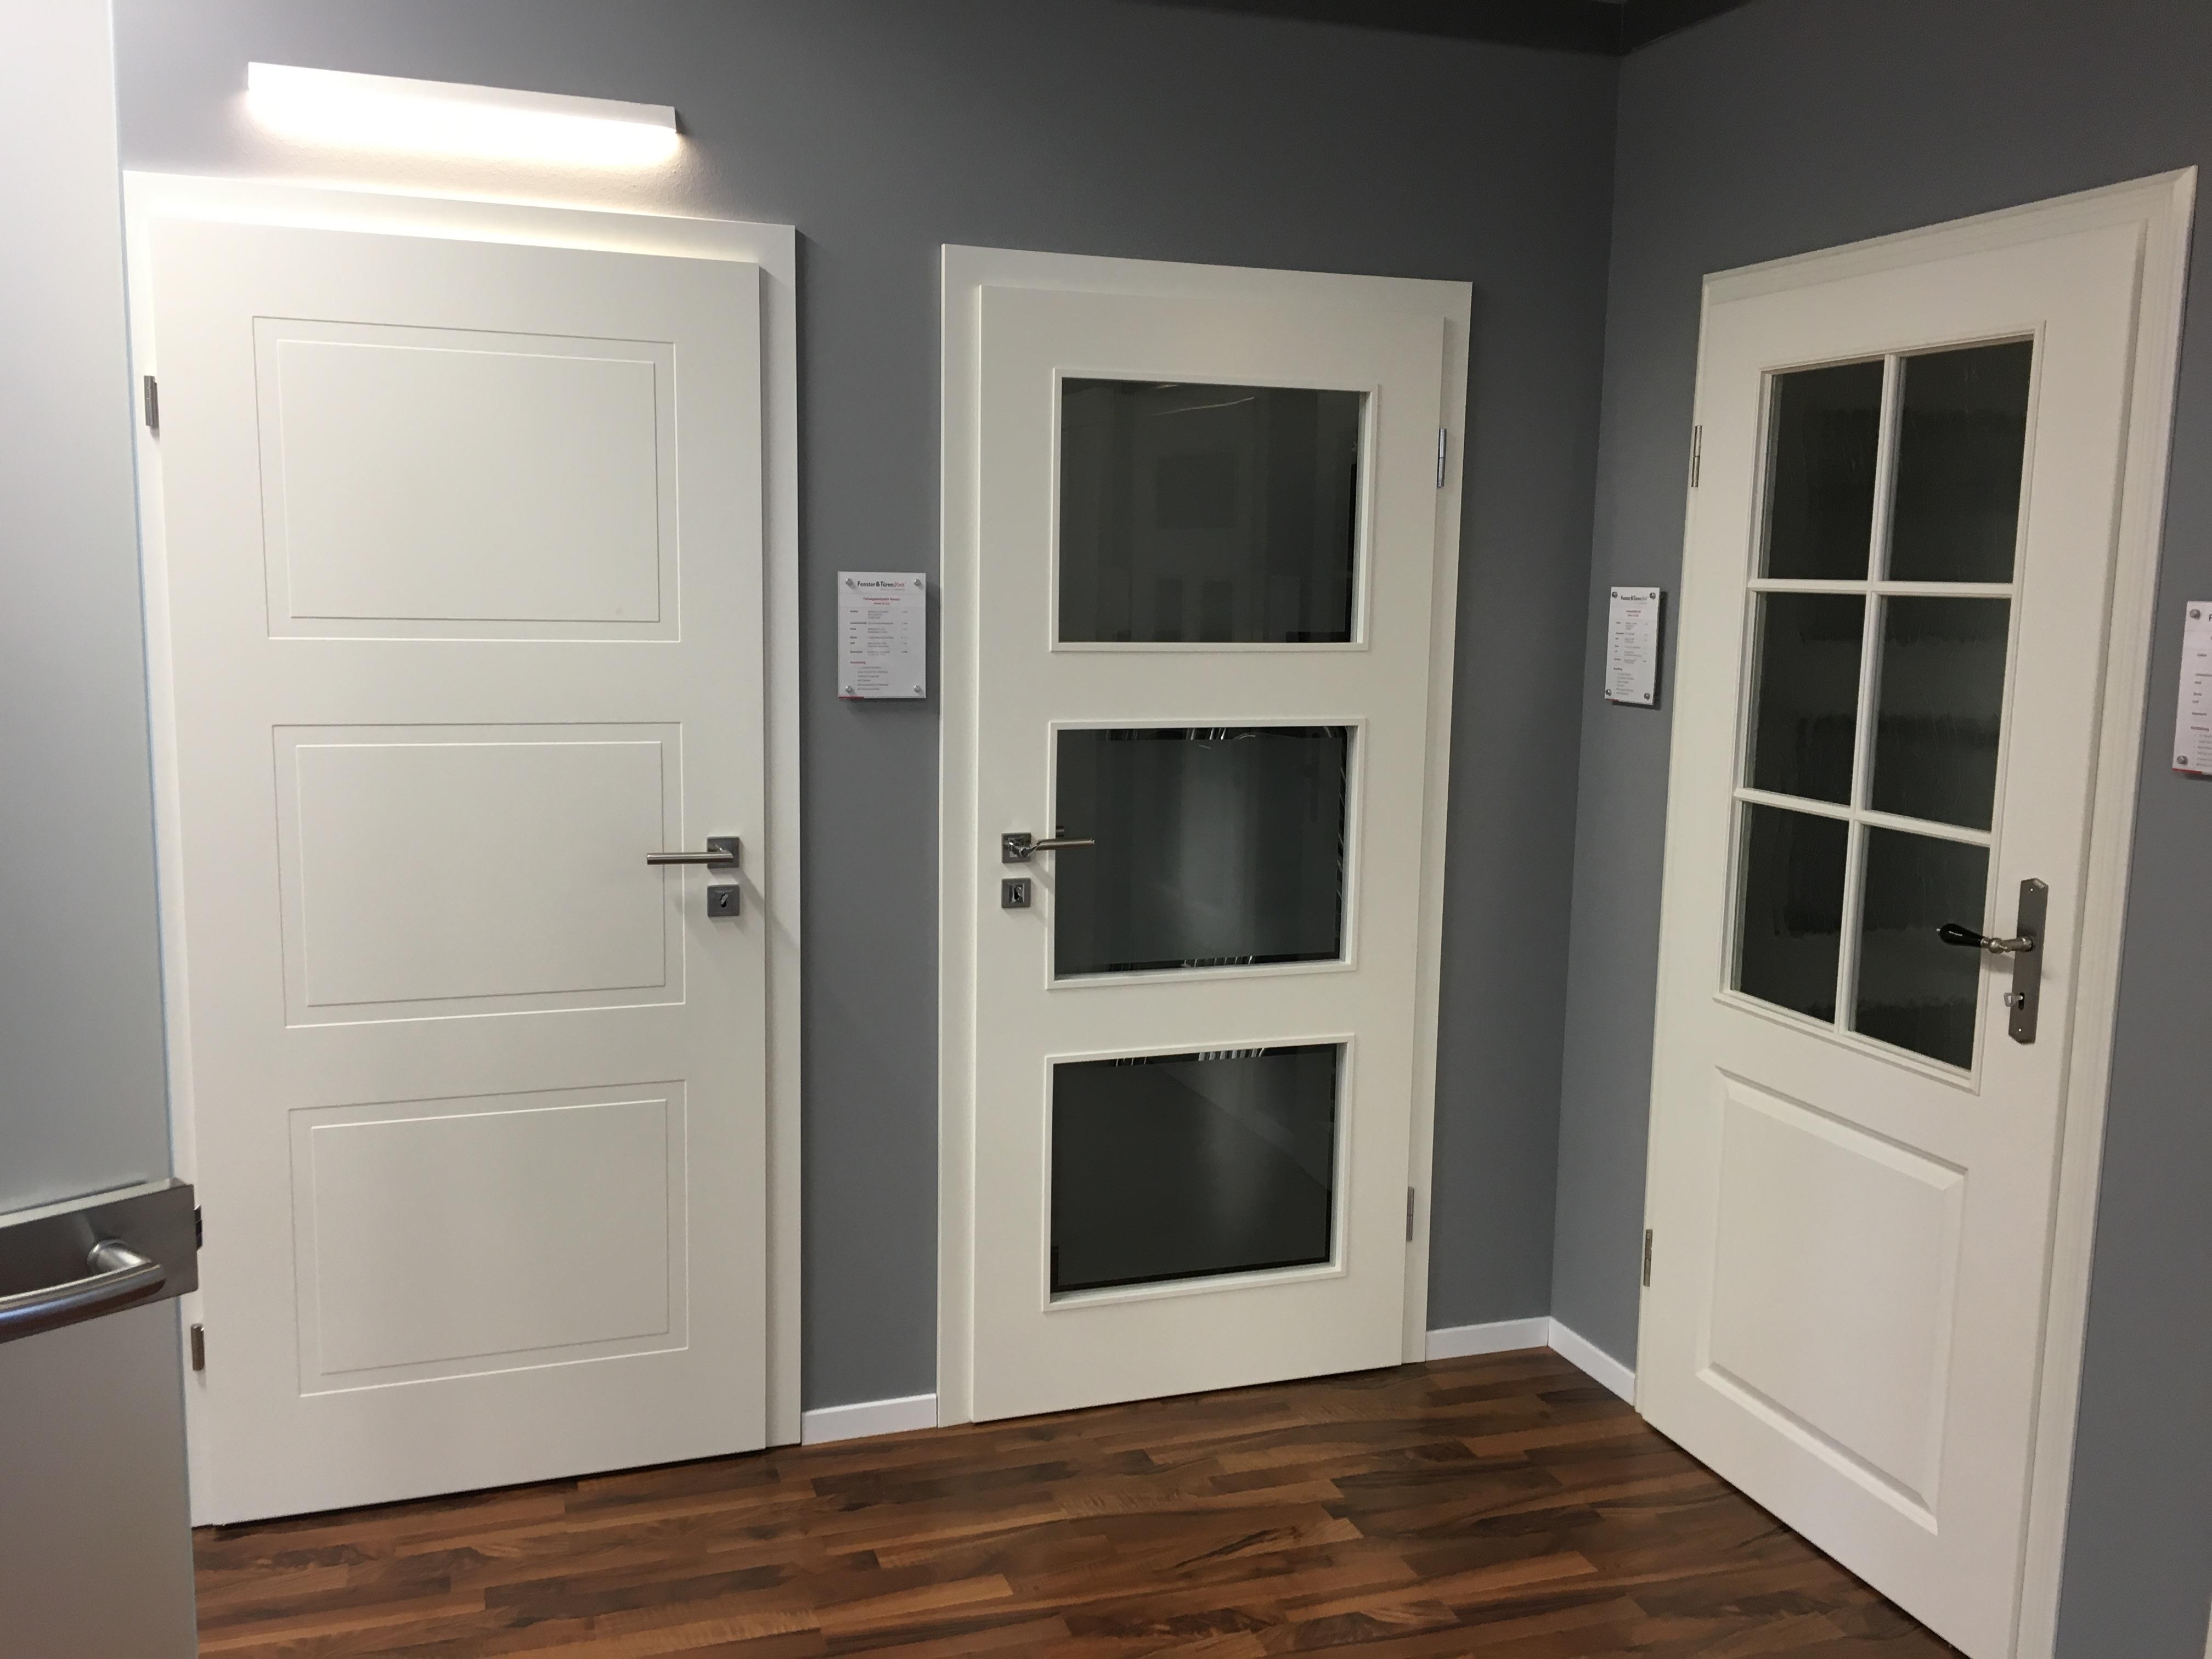 modernisierung der innent ren ausstellung in stuhr fenster und t ren welt. Black Bedroom Furniture Sets. Home Design Ideas